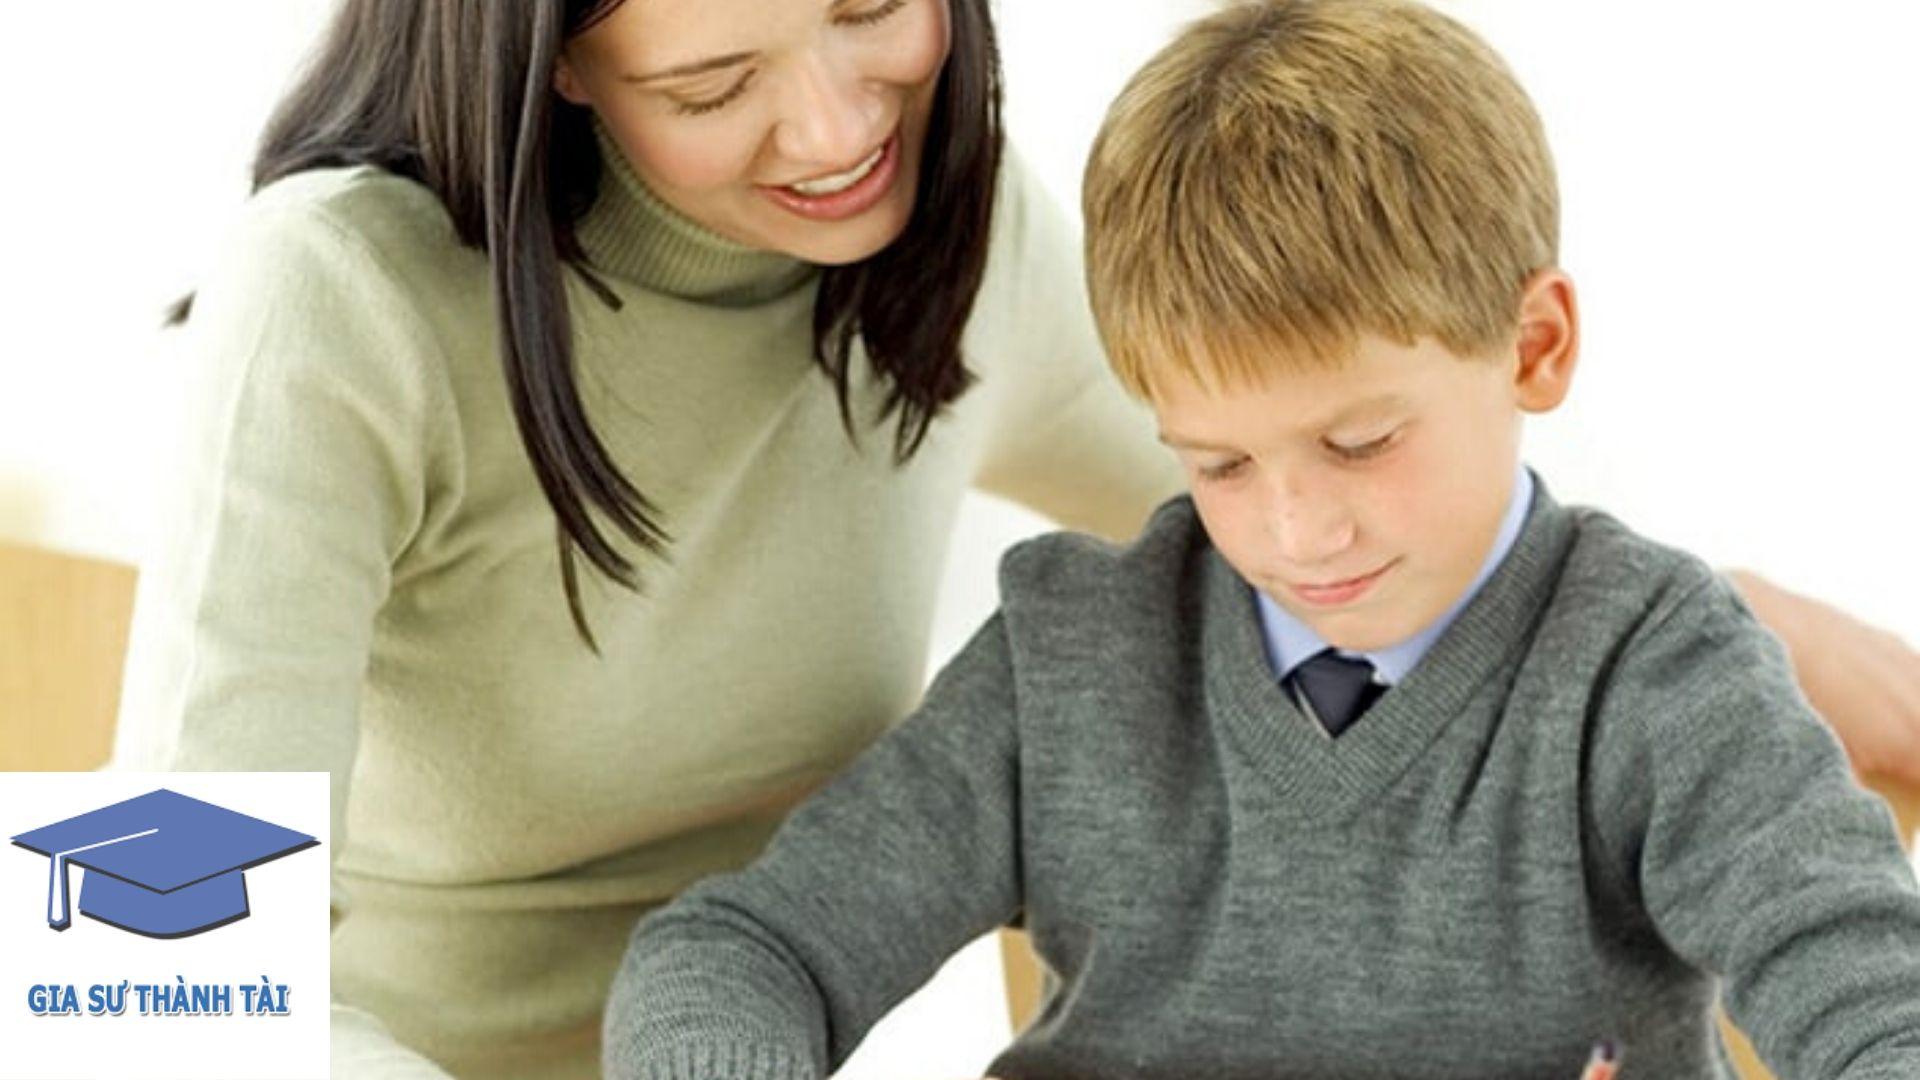 Chia Sẻ Kinh Nghiệm Chọn Gia Sư Quận 3 Giỏi Cho Con